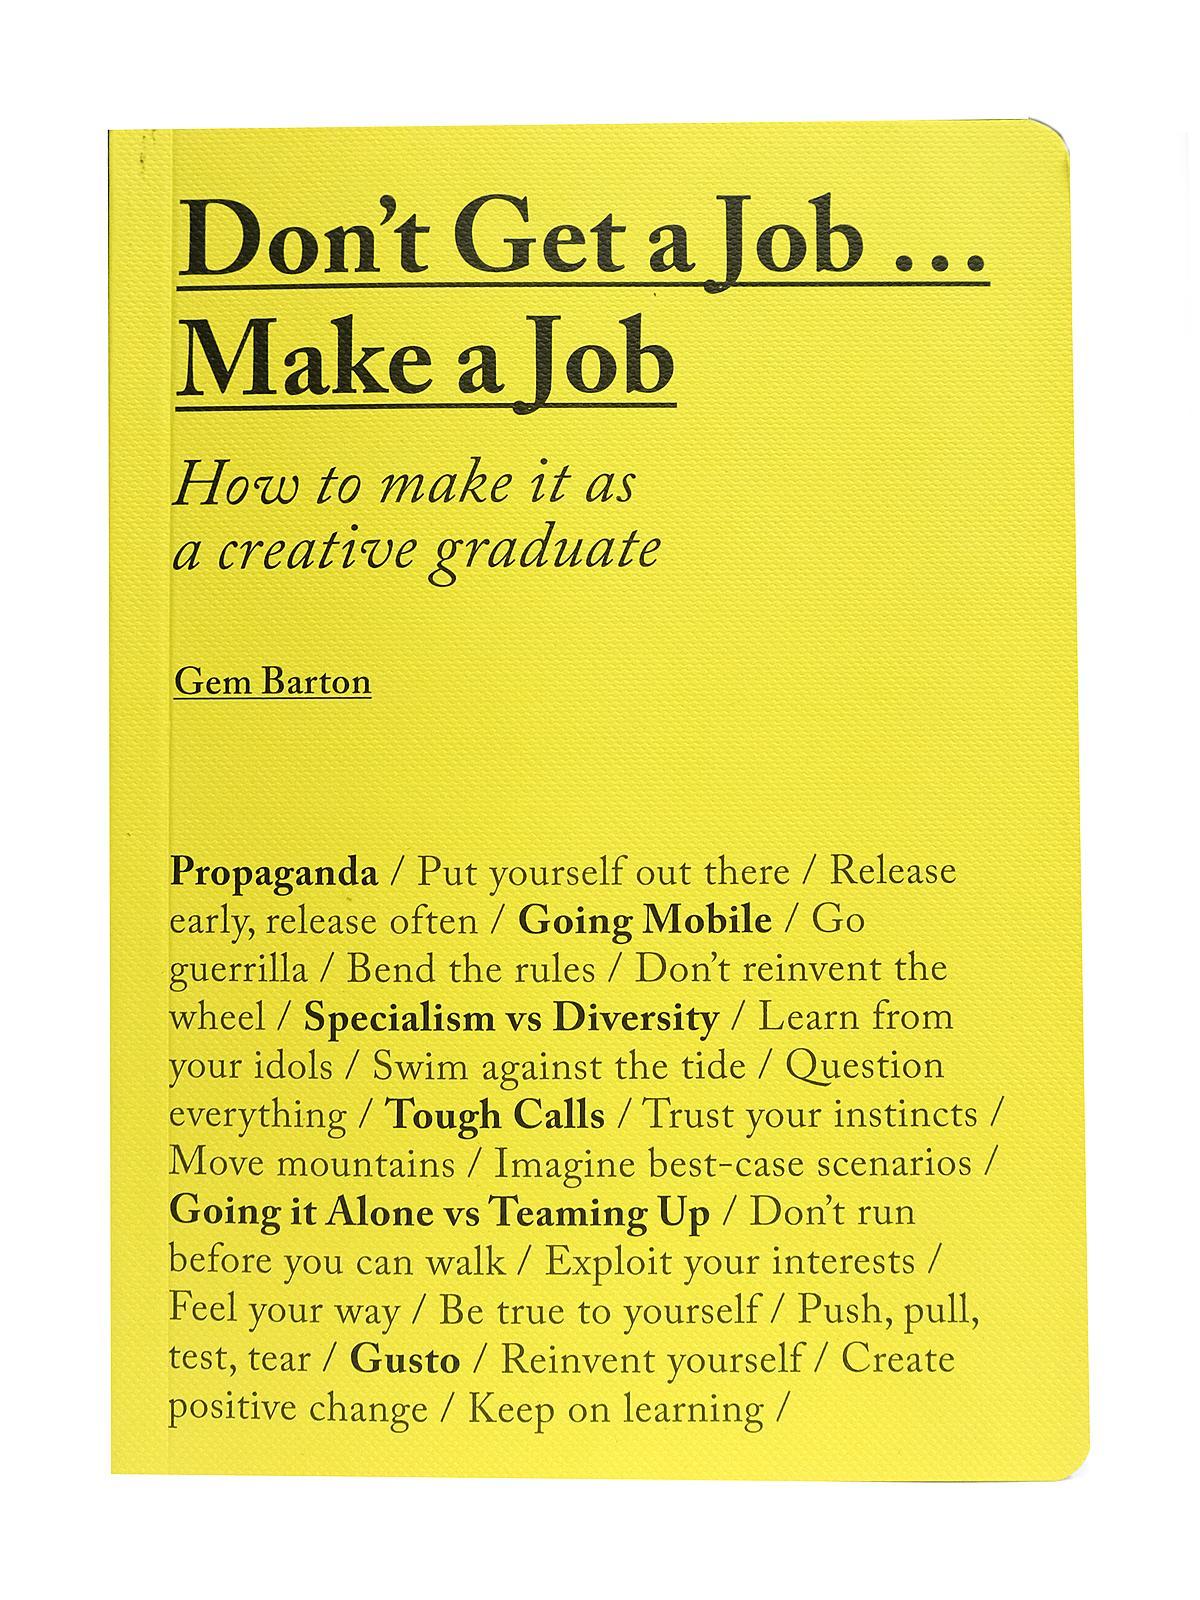 Don't Get a Job...Make a Job